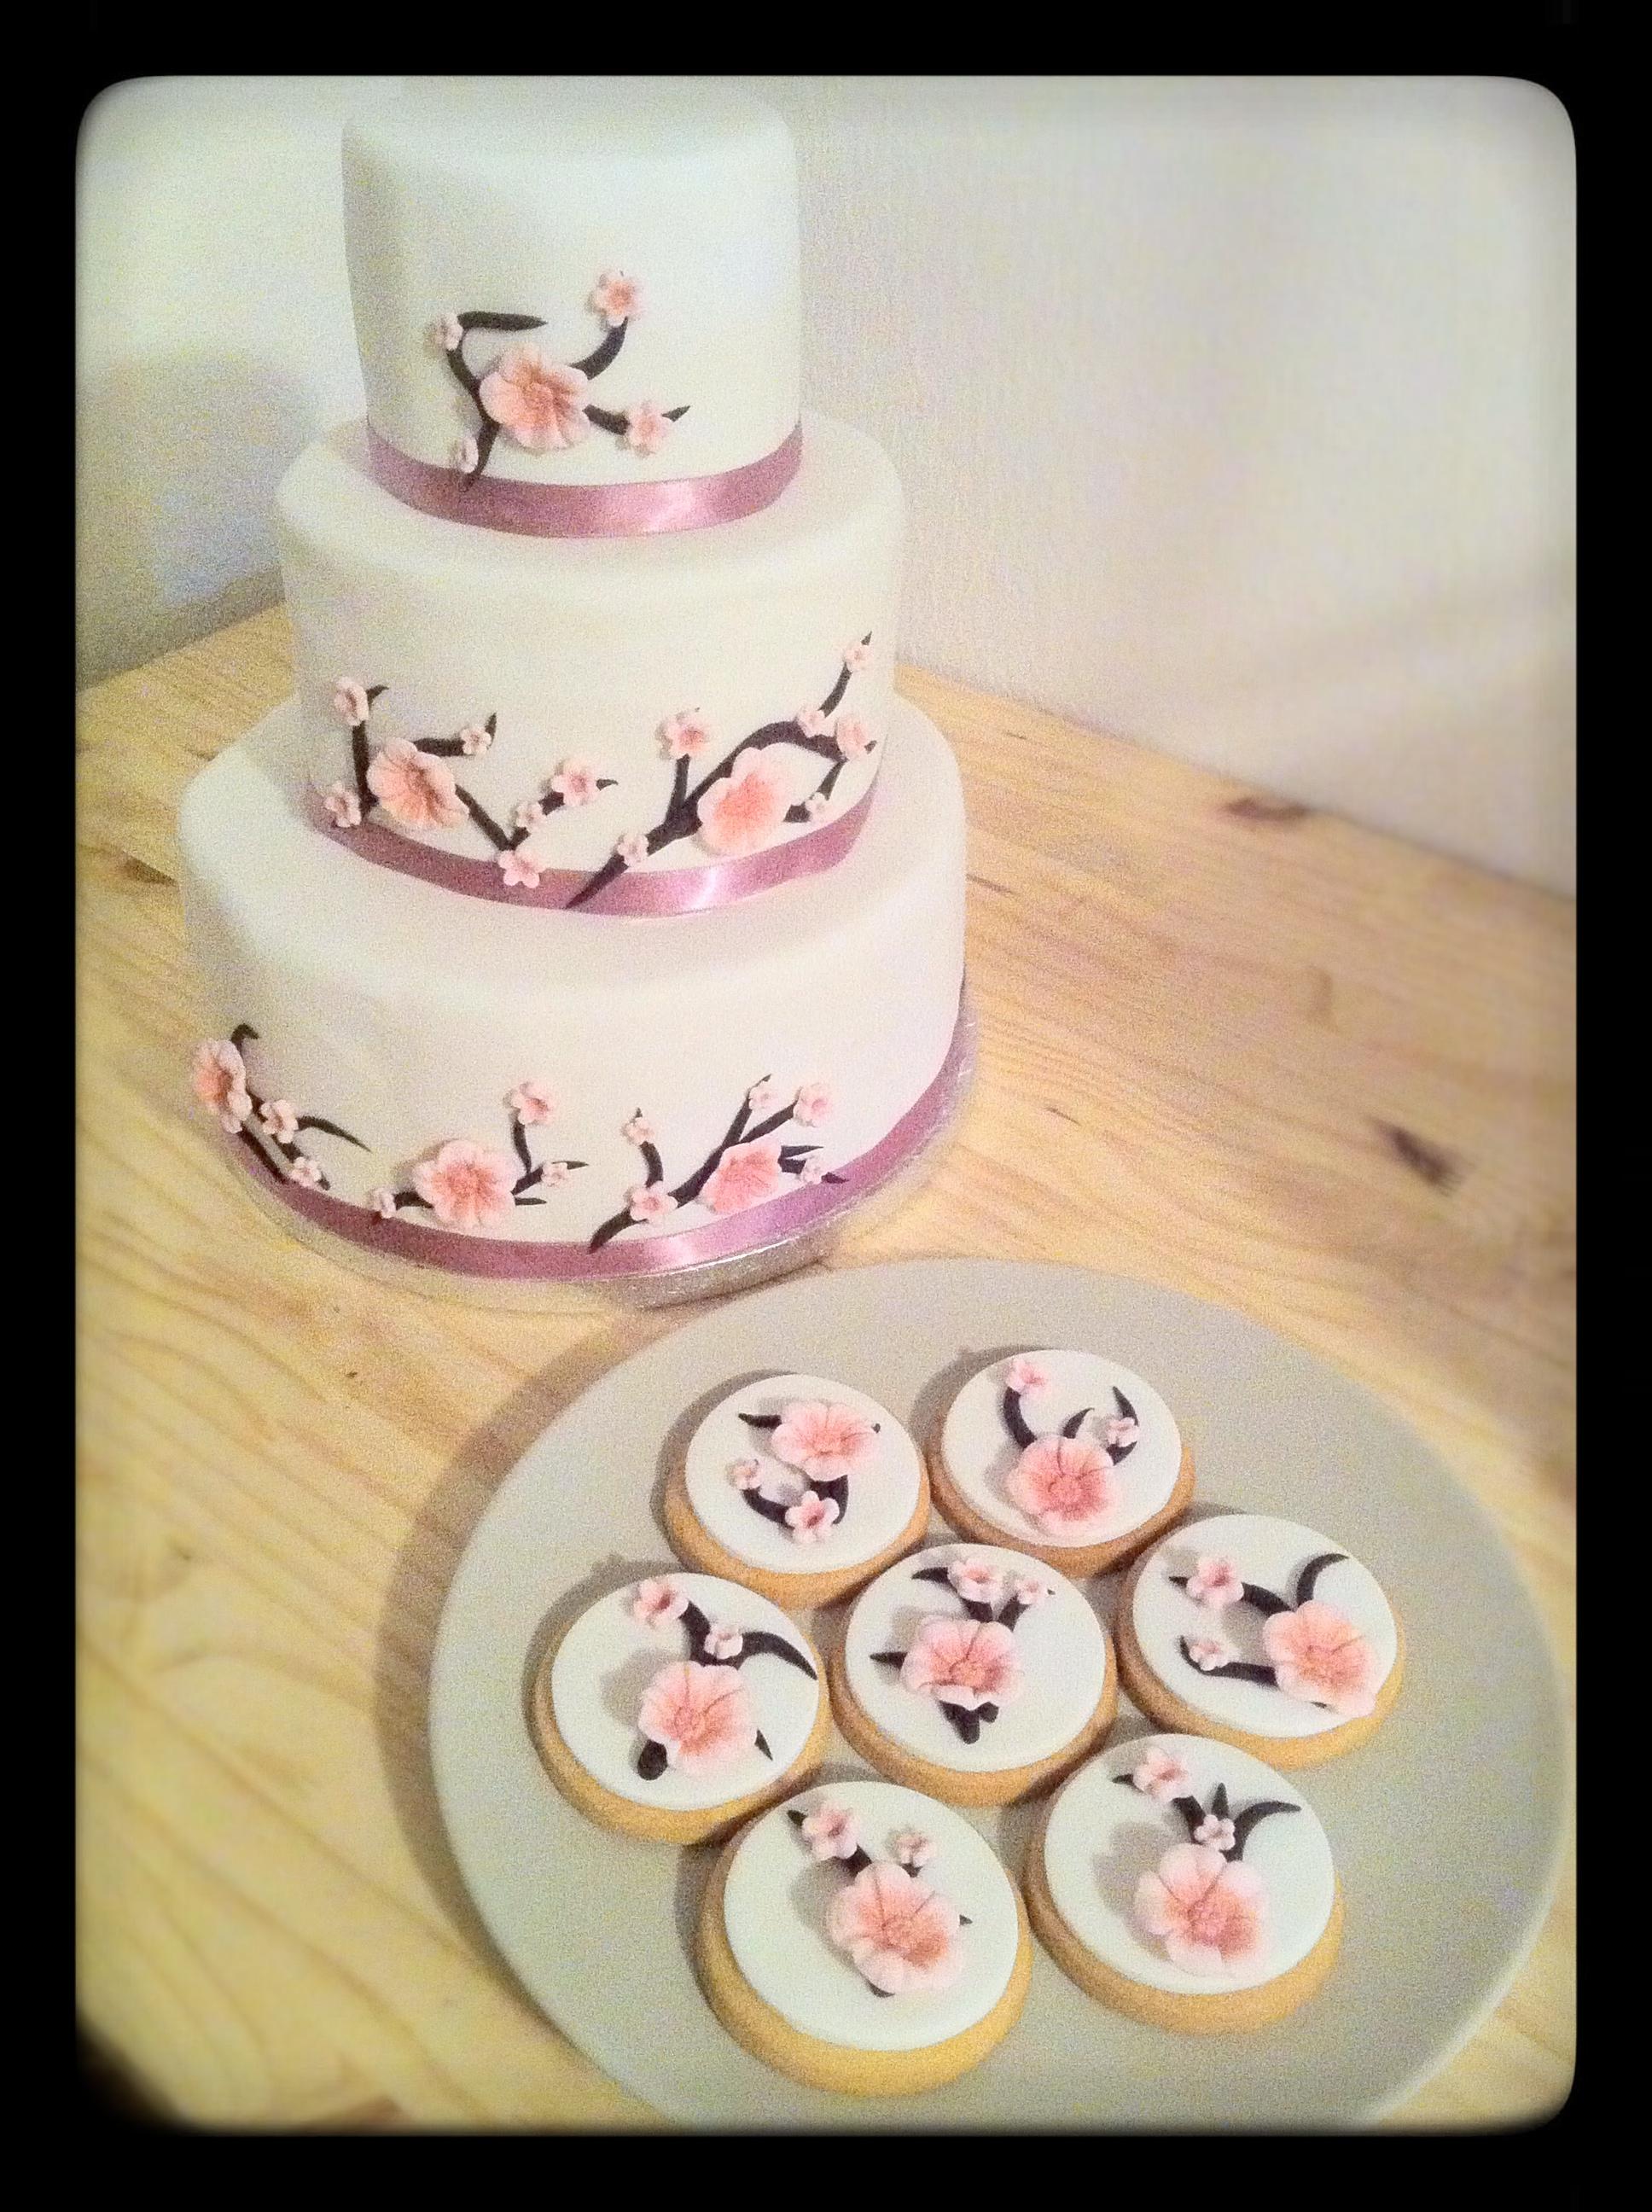 gâteau et sablé décoré assorti